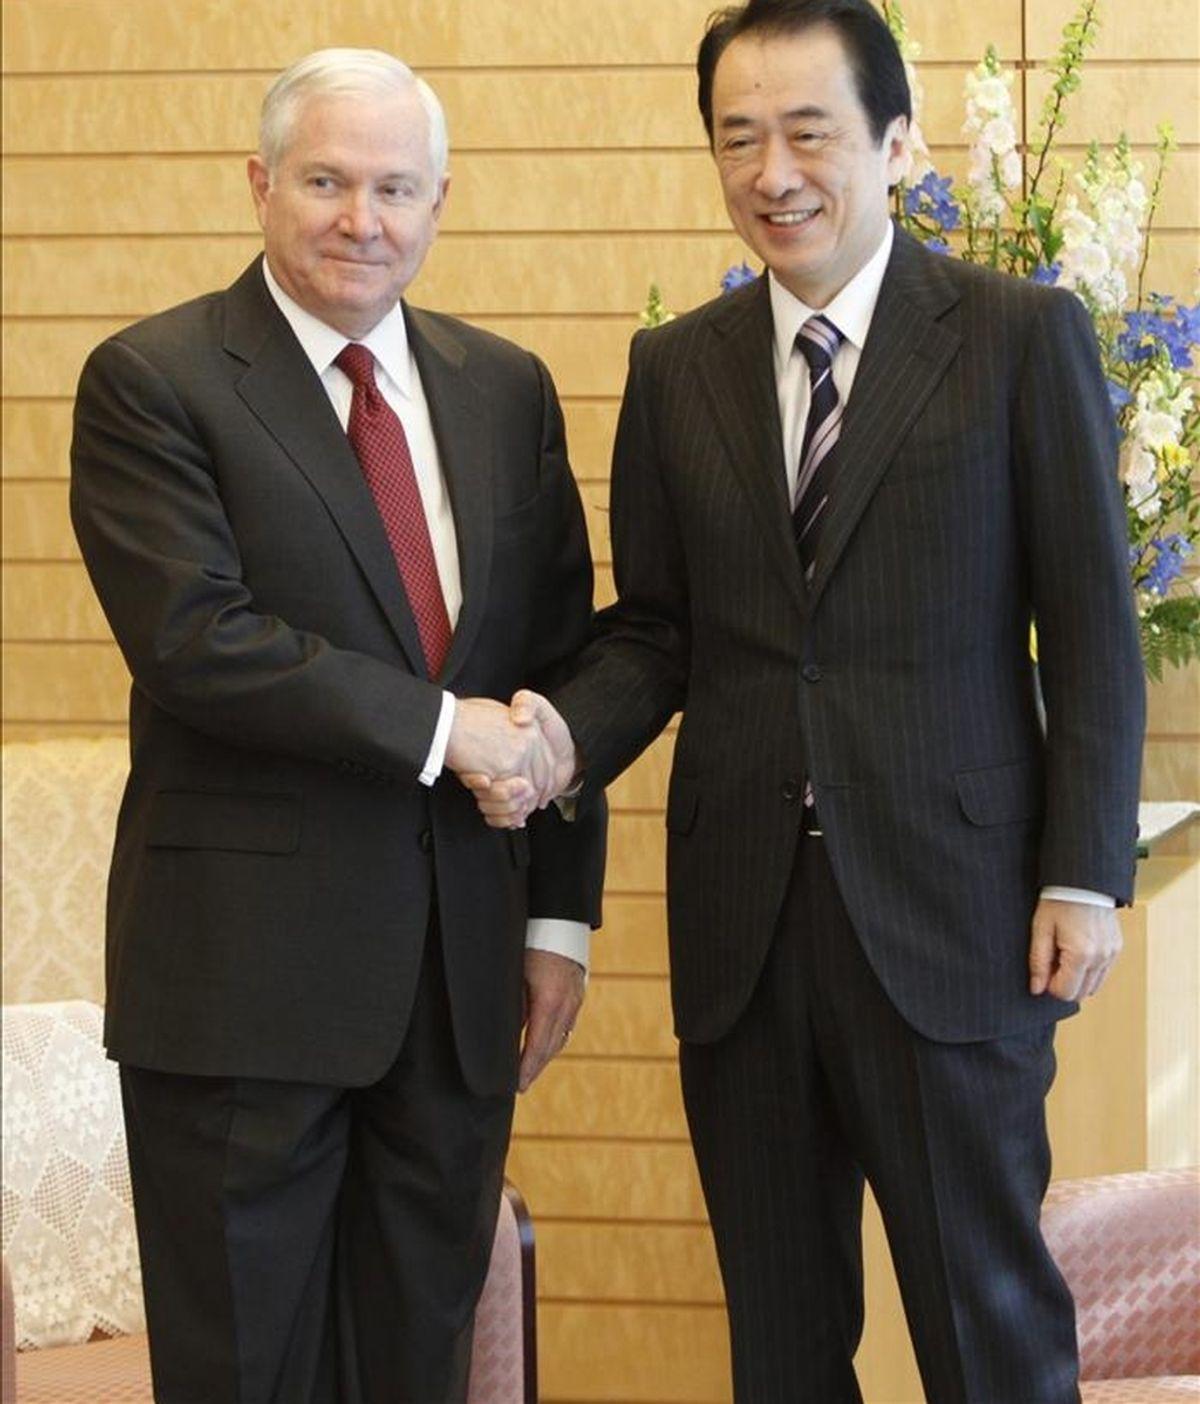 El secretario estadounidense de Defensa, Robert Gates (i), estrecha la mano del primer ministro japonés, Naoto Kan (d), hoy en Tokio (Japón). EFE